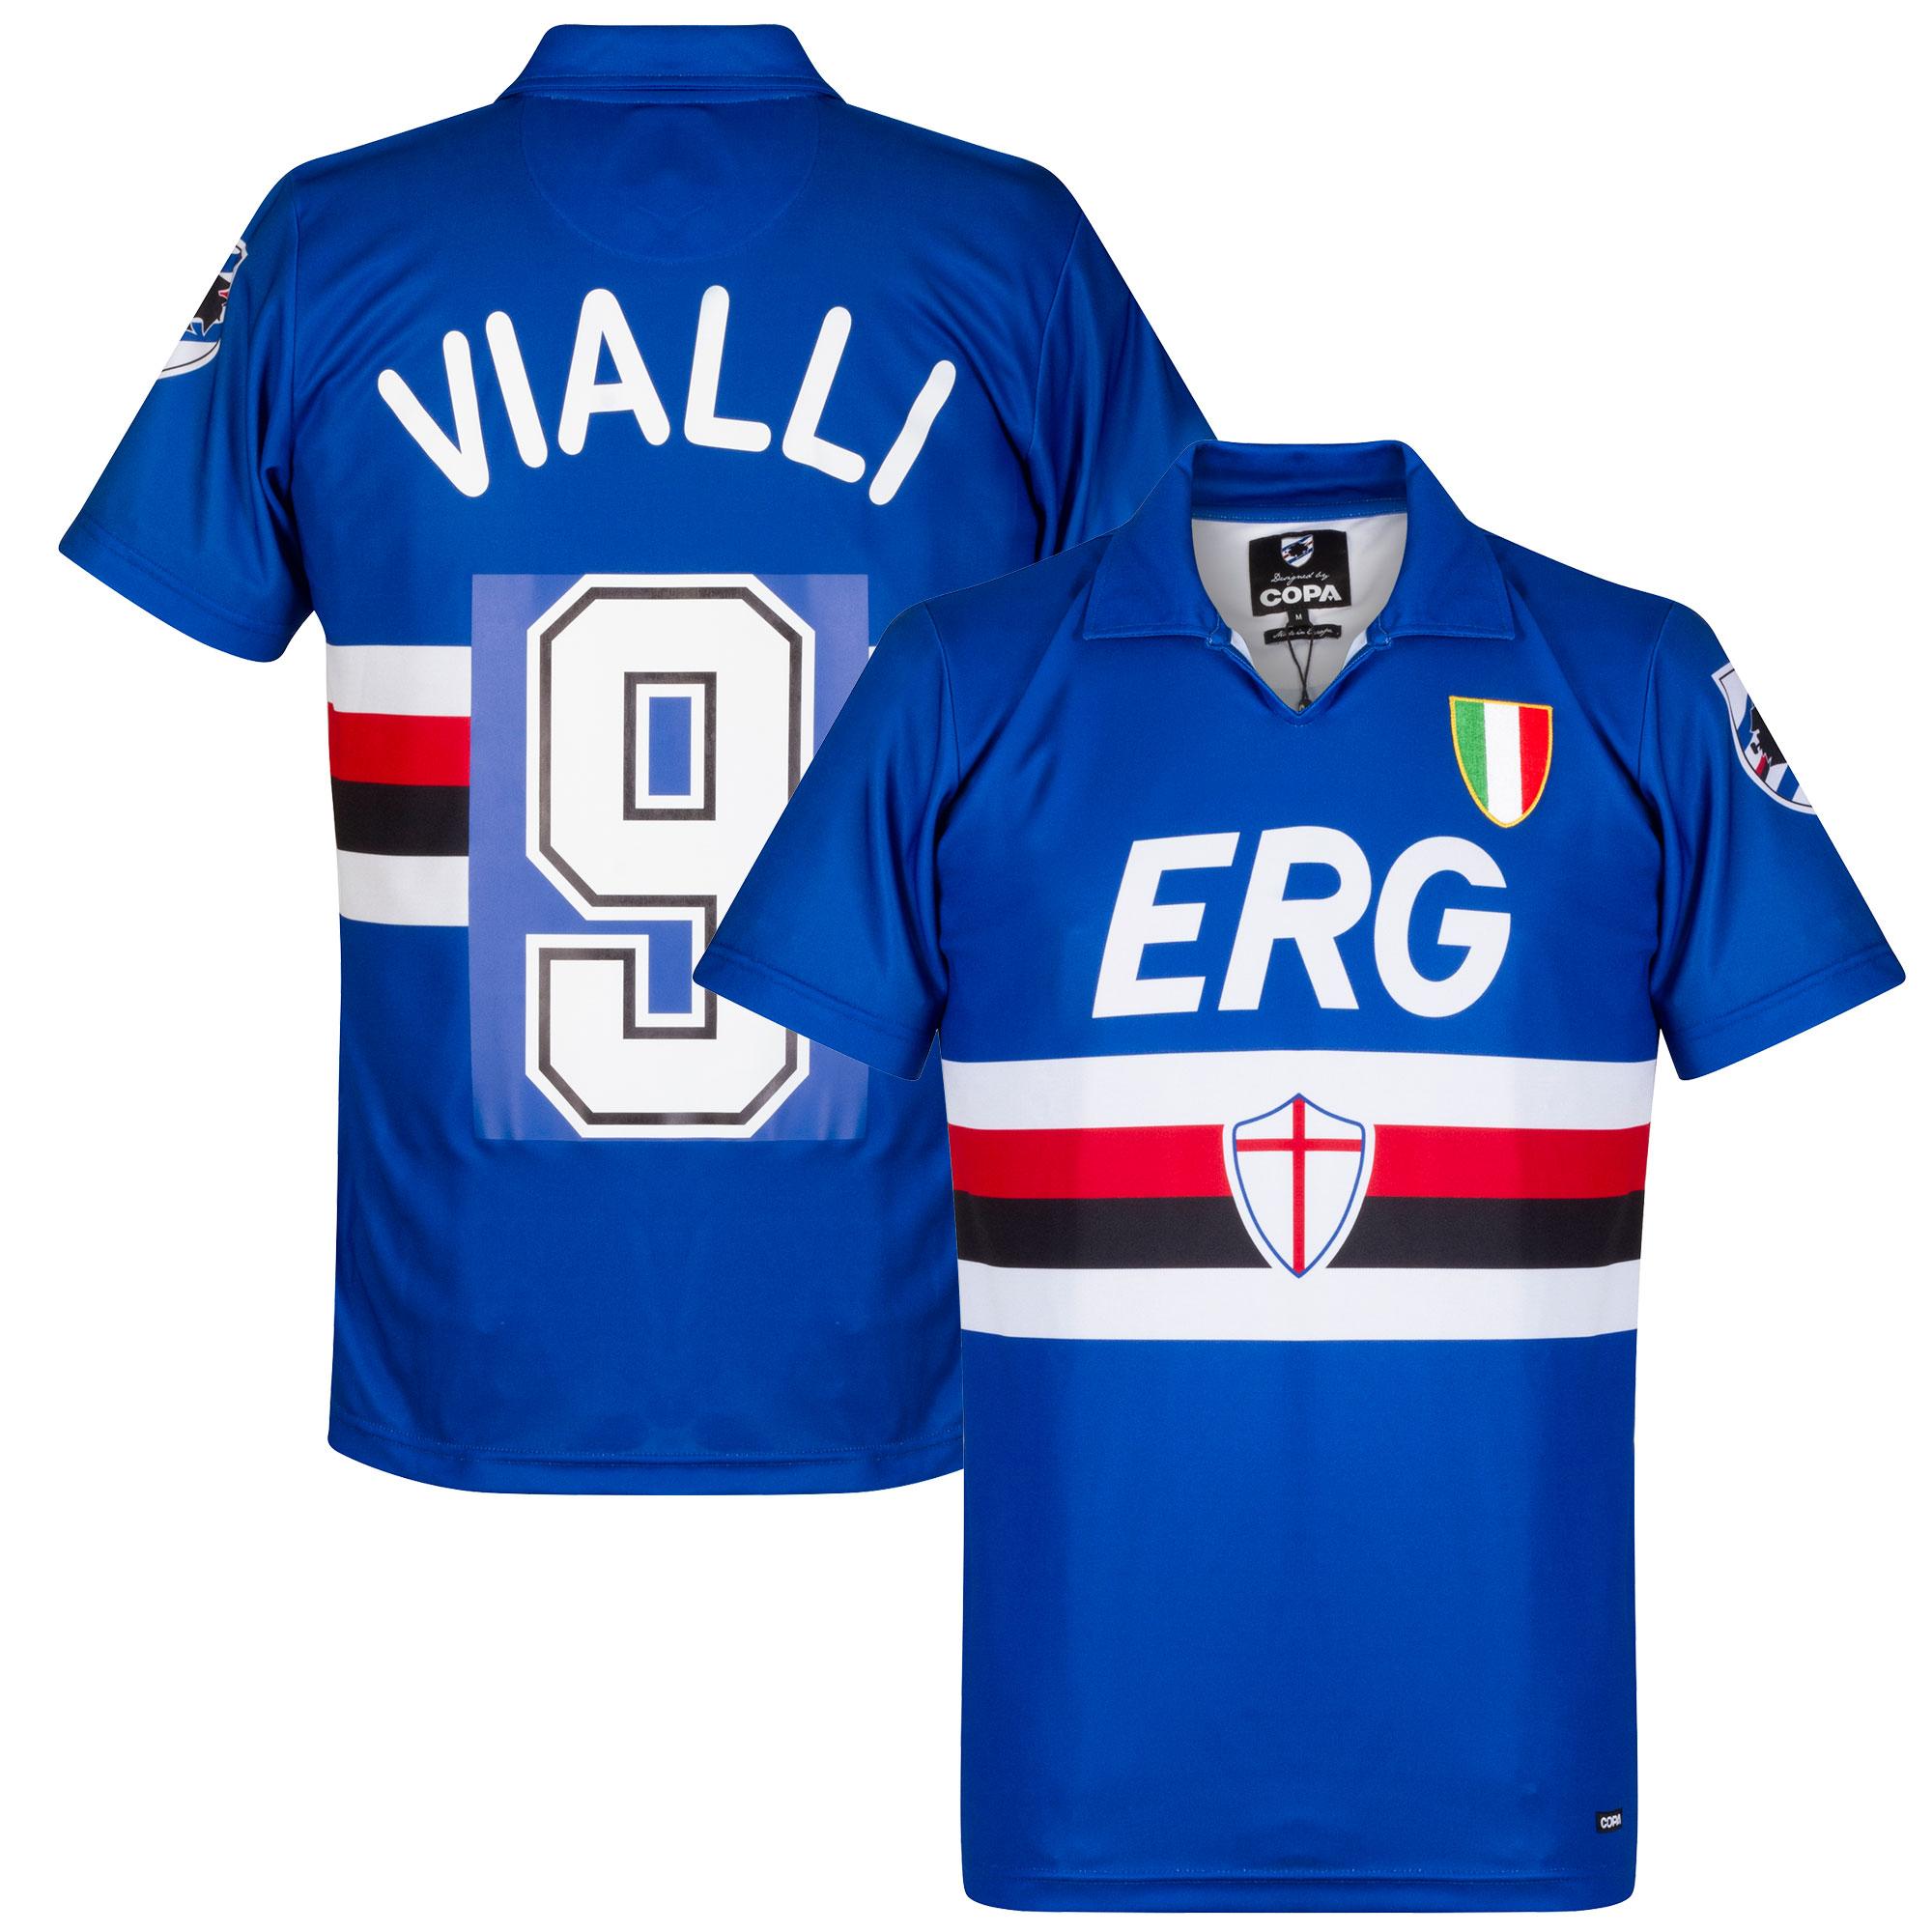 Retro Sampdoria Shirt